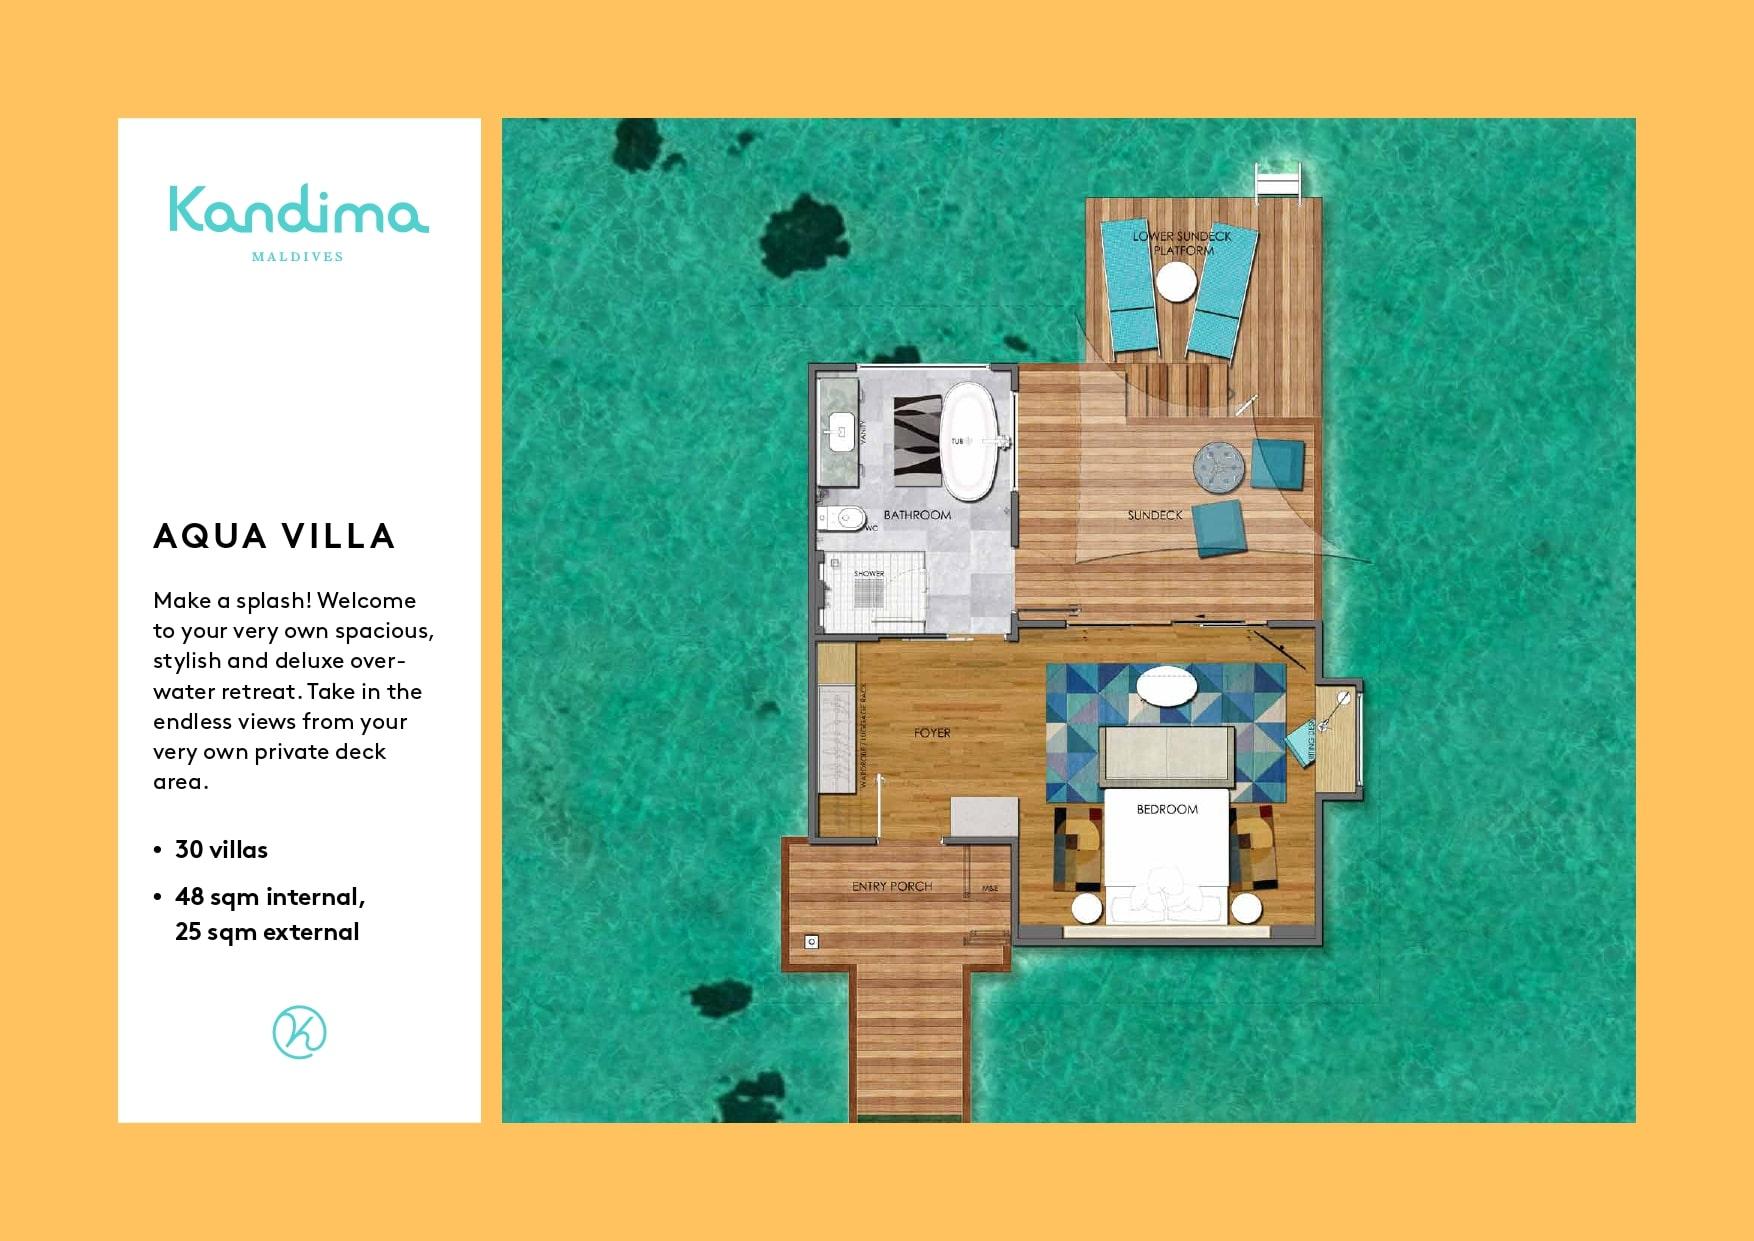 Мальдивы, отель Kandima Maldives, план-схема номера Aqua Villa